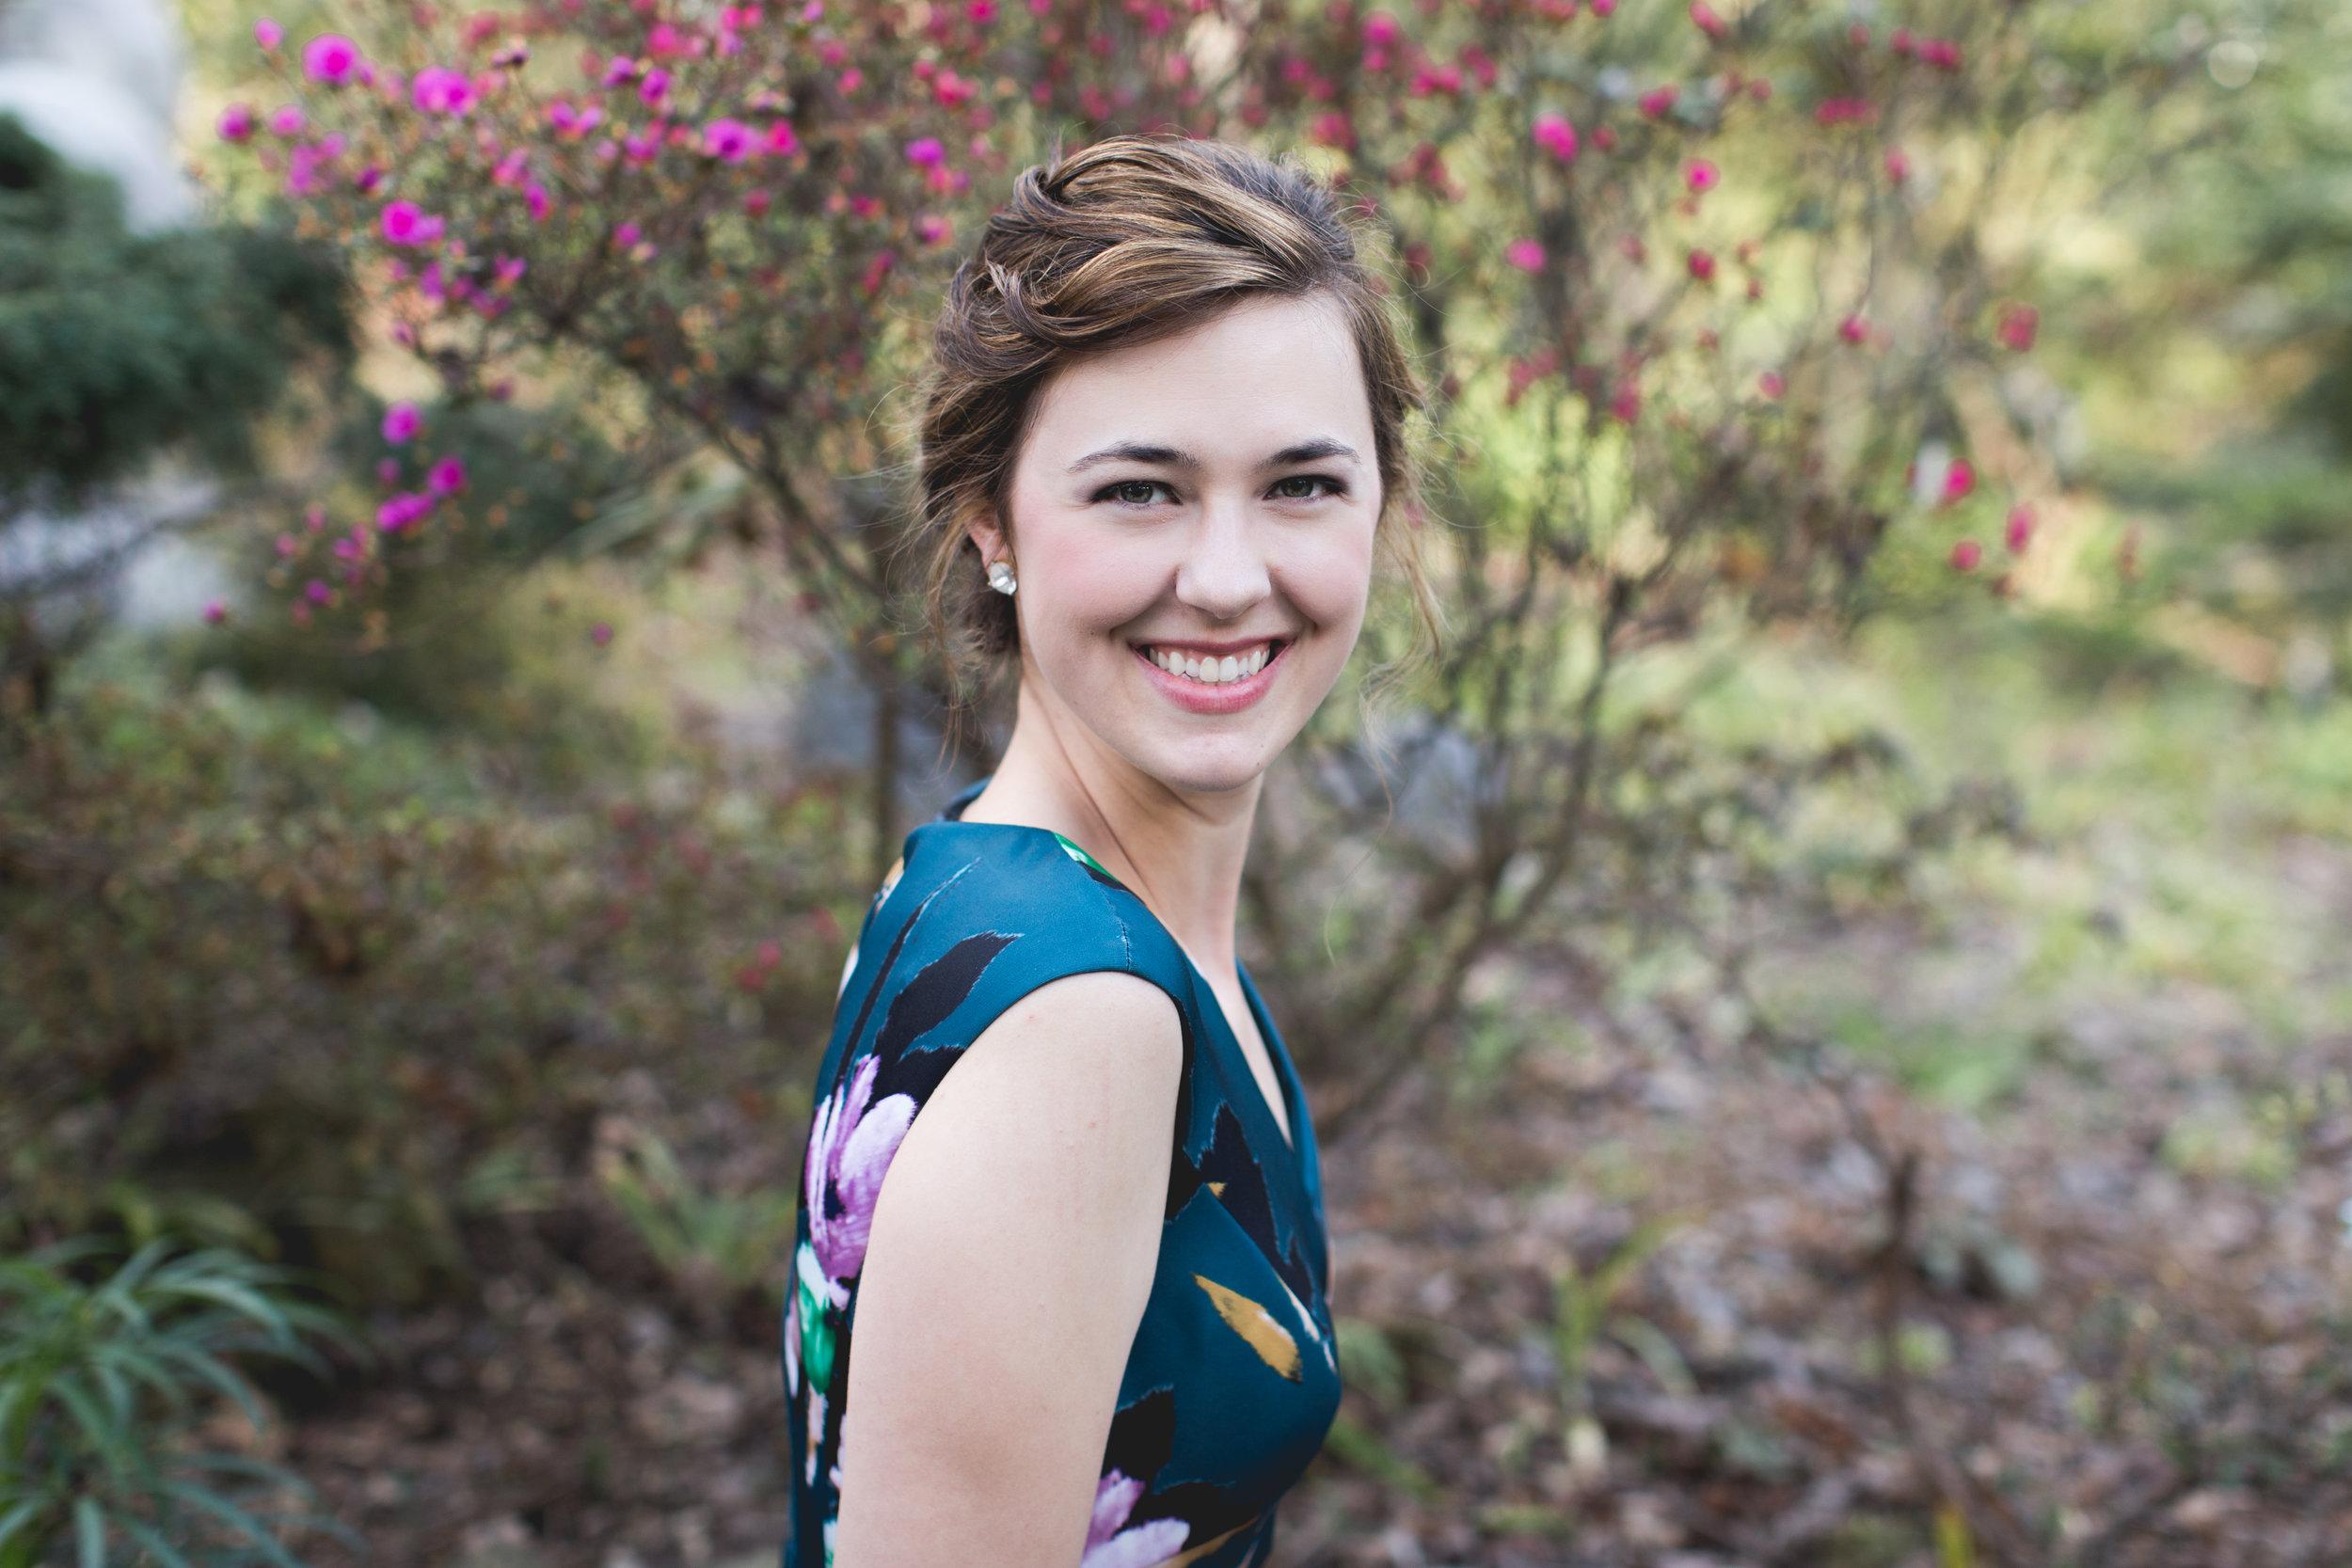 Jenna_UNCC_Grad_JCP-64.jpg